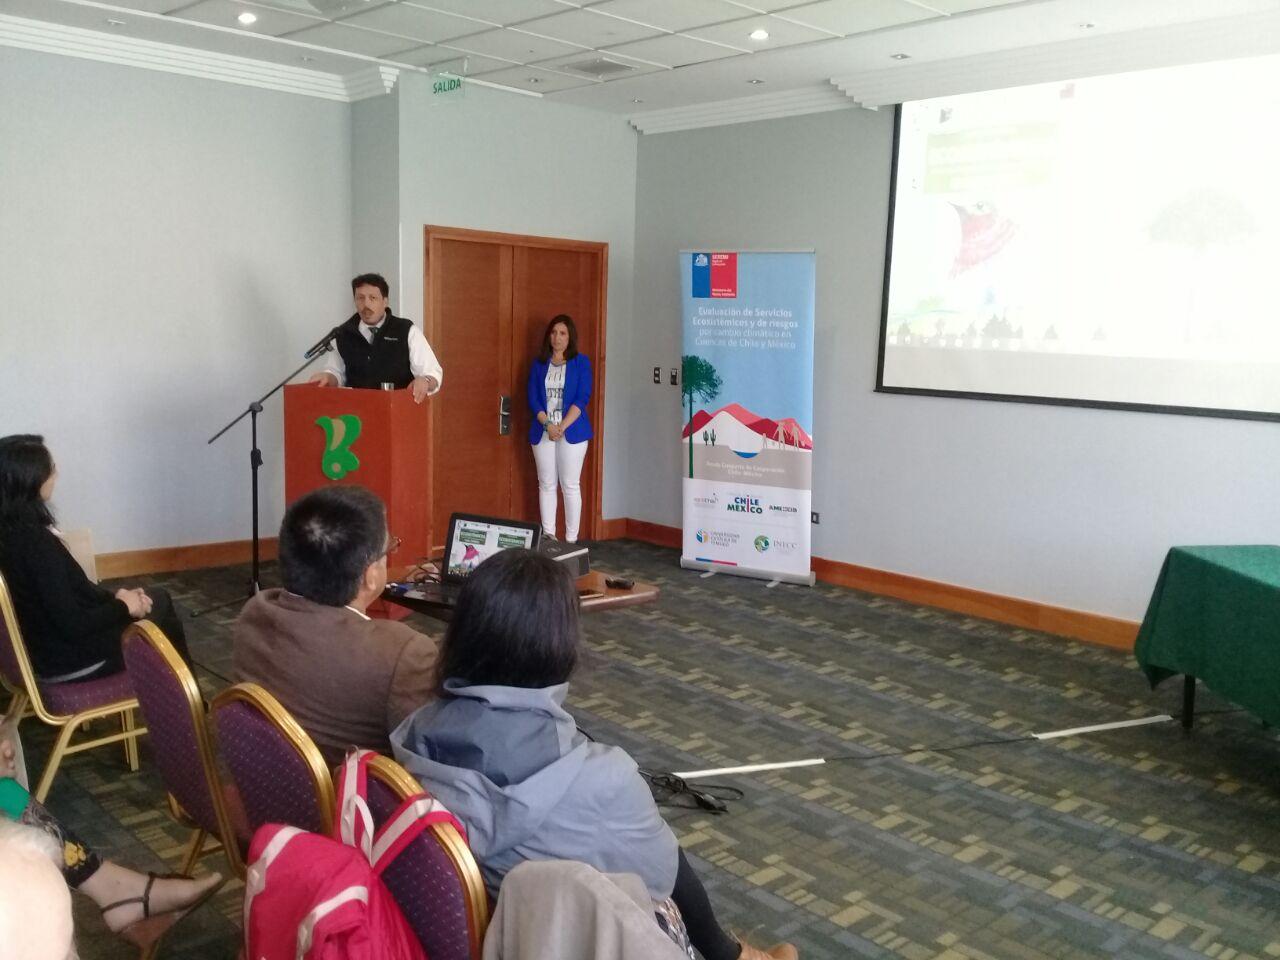 Visita del INECC a Chile para presentar los resultados del estudio realizado en el marco de la Cooperación Chile-México